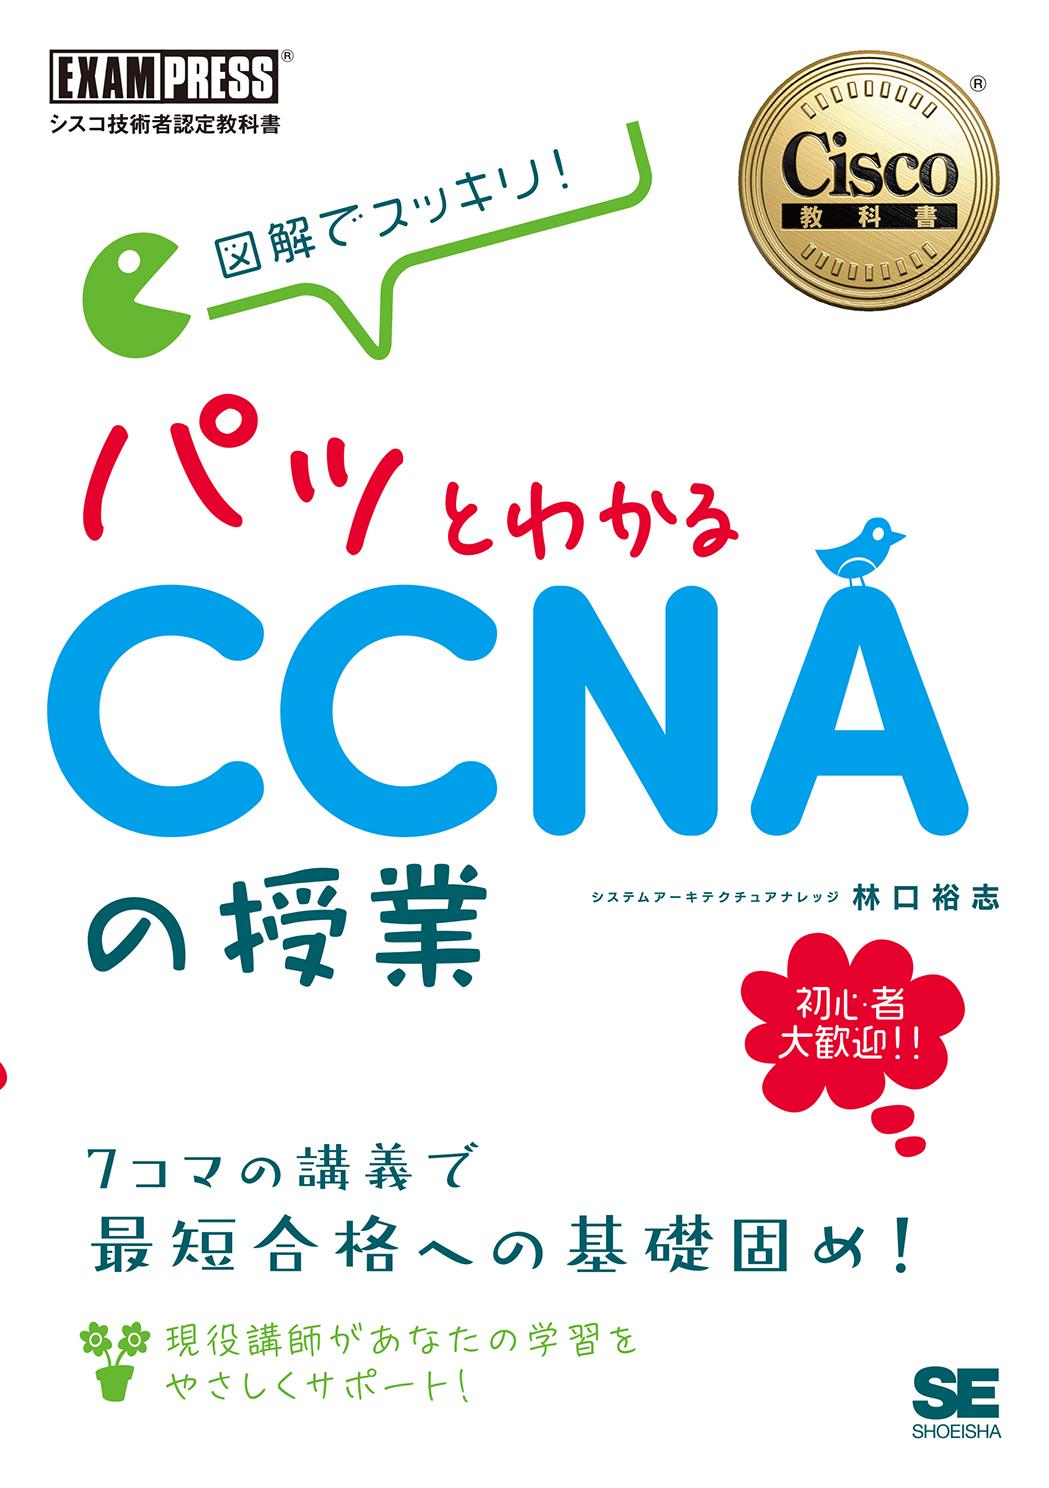 シスコ技術者認定教科書 図解でスッキリ! パッとわかるCCNAの授業(翔泳社)